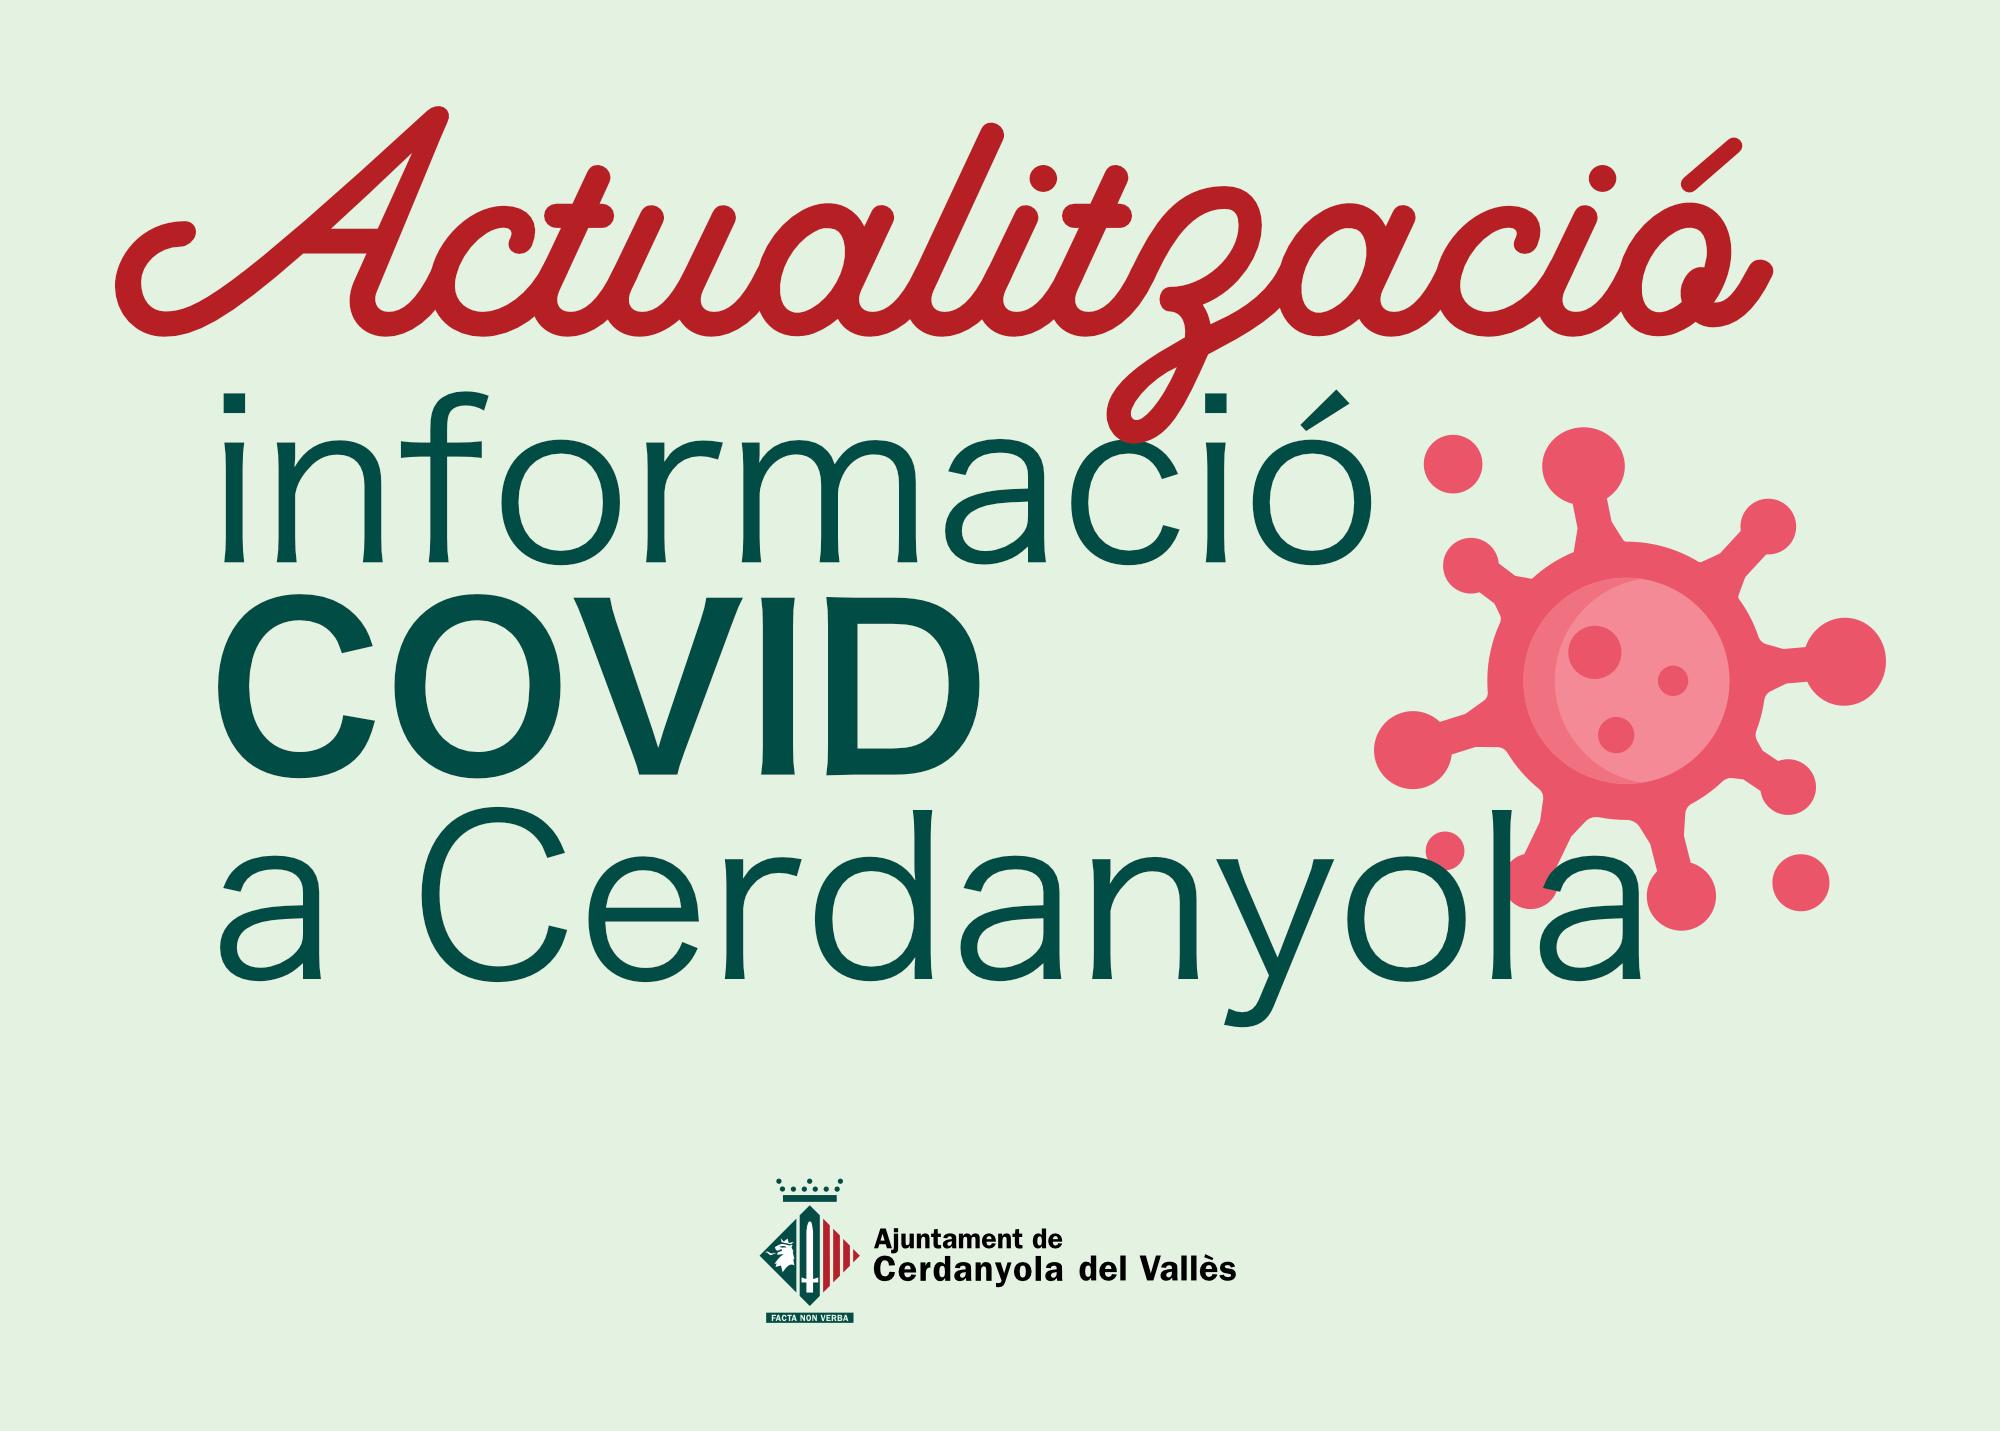 Imatge Actualització informació COVID Cerdanyola